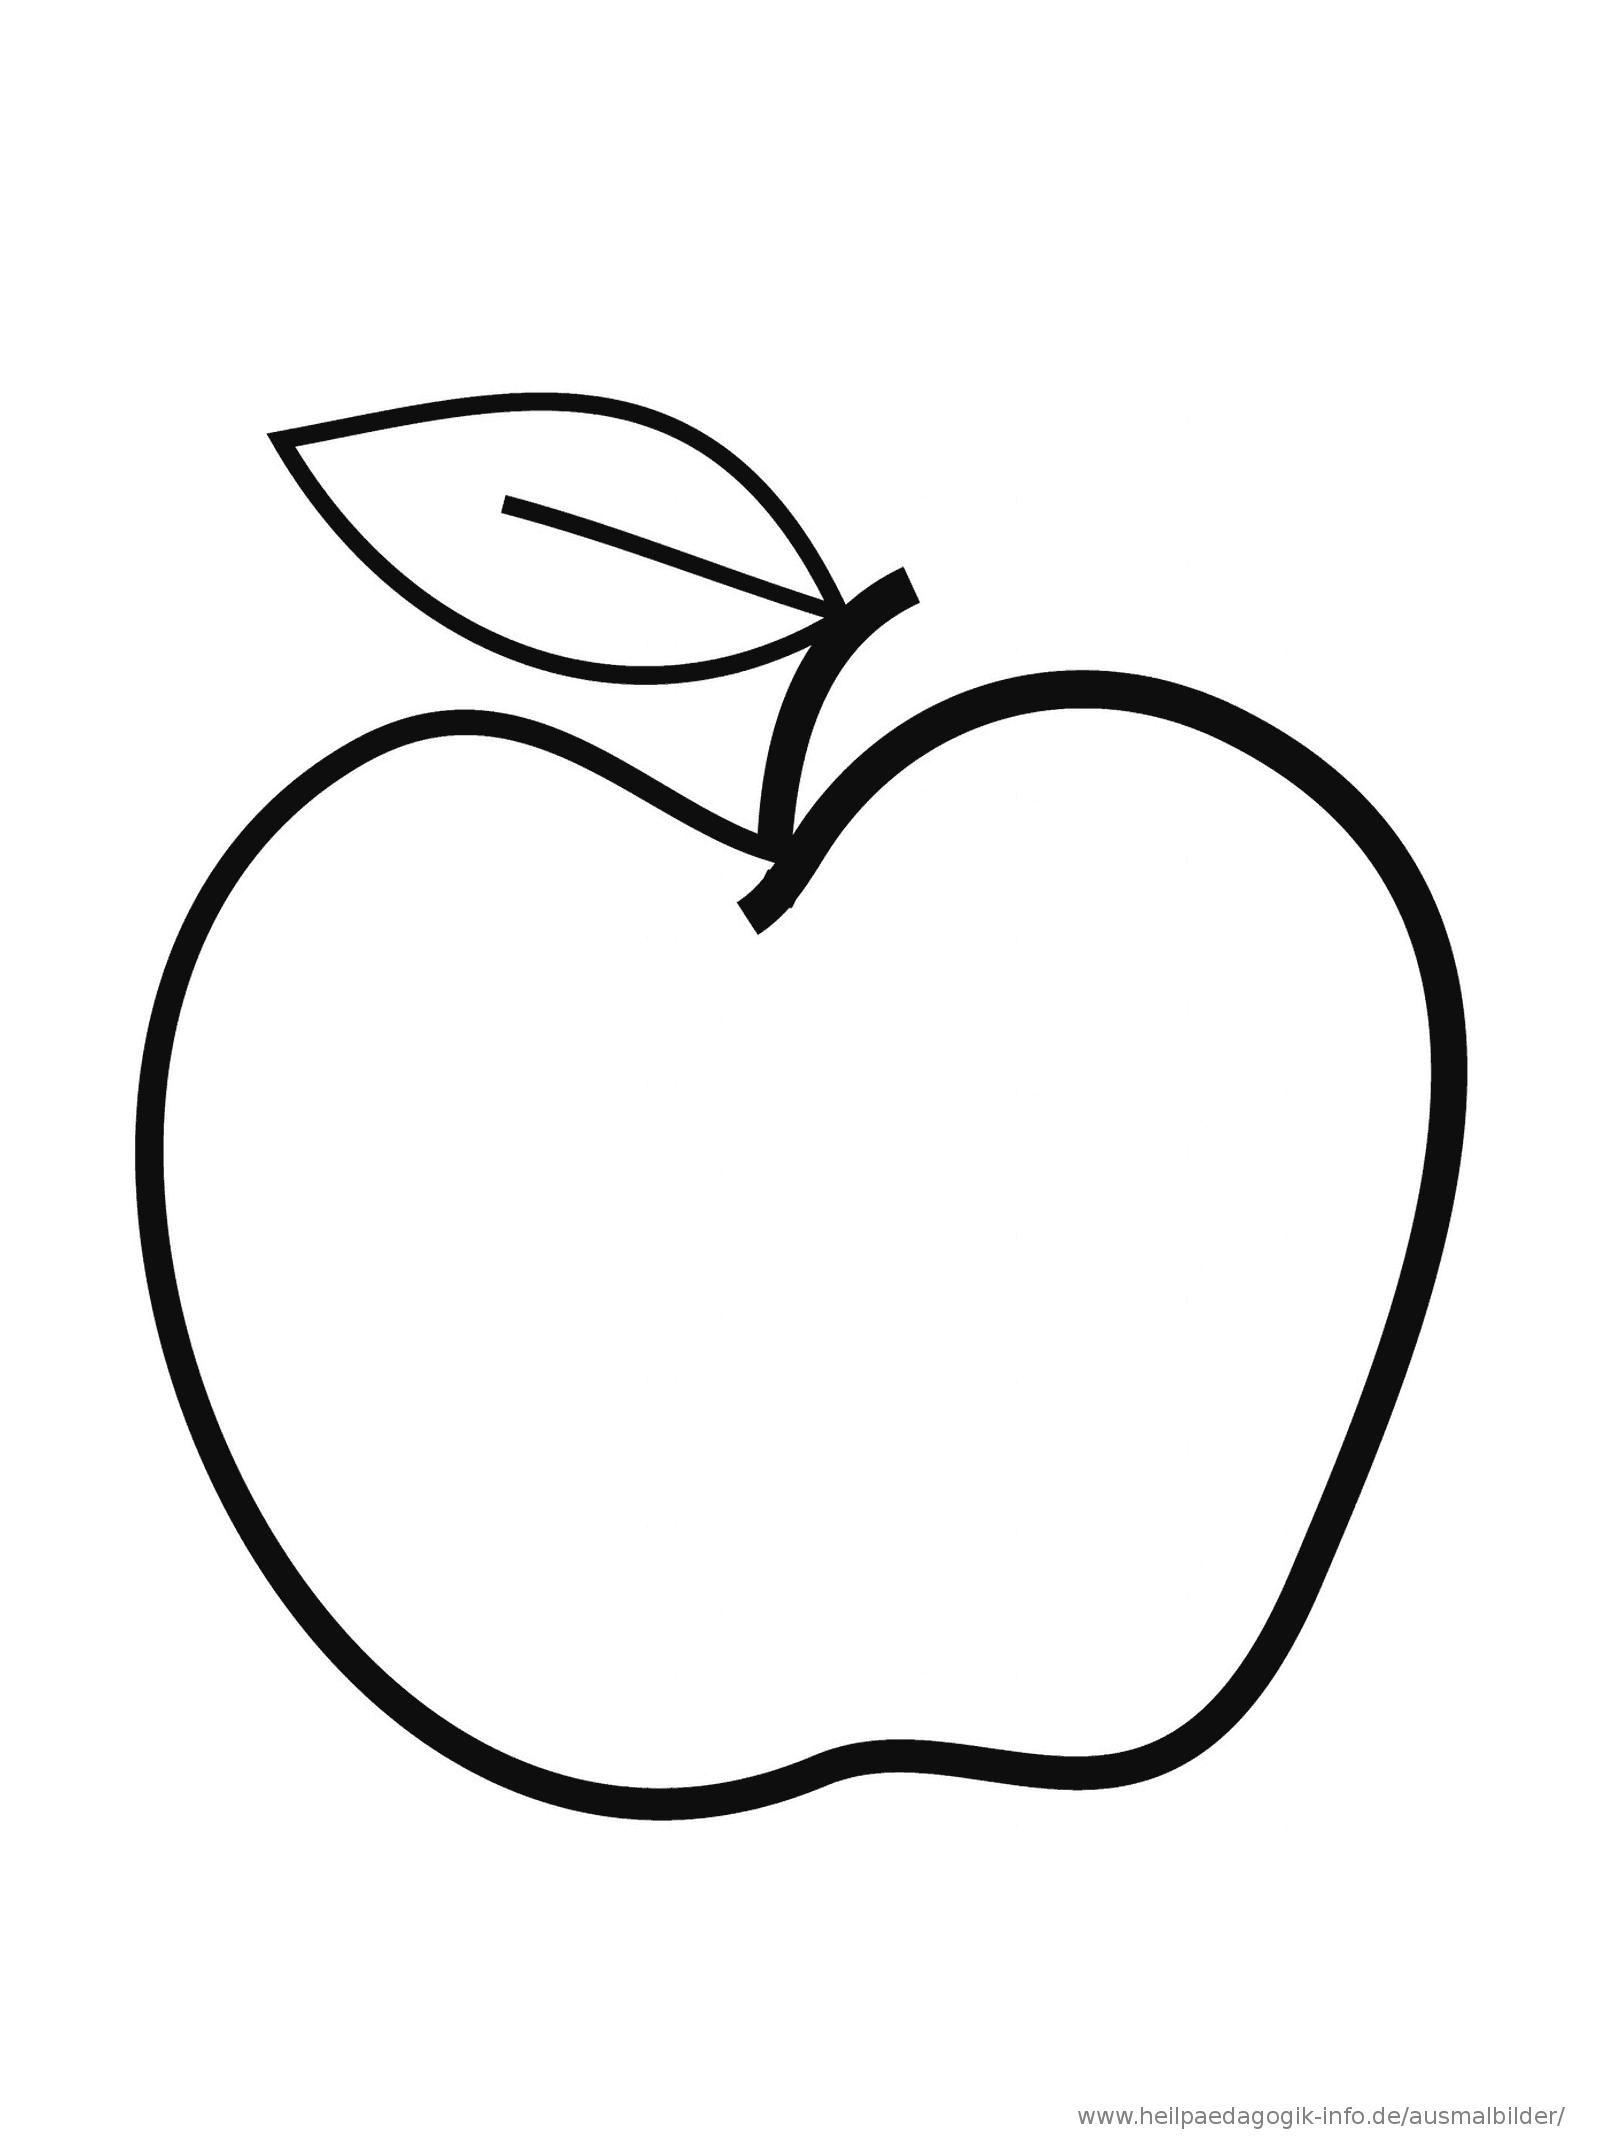 Https Www Heilpaedagogik Info De Kinder Ausmalbilder Ausmalbild Malvorlage Apfel 45 Ausmalbilder Essen Und Trinken 35 Pn Malvorlagen Ausmalen Ausdrucken